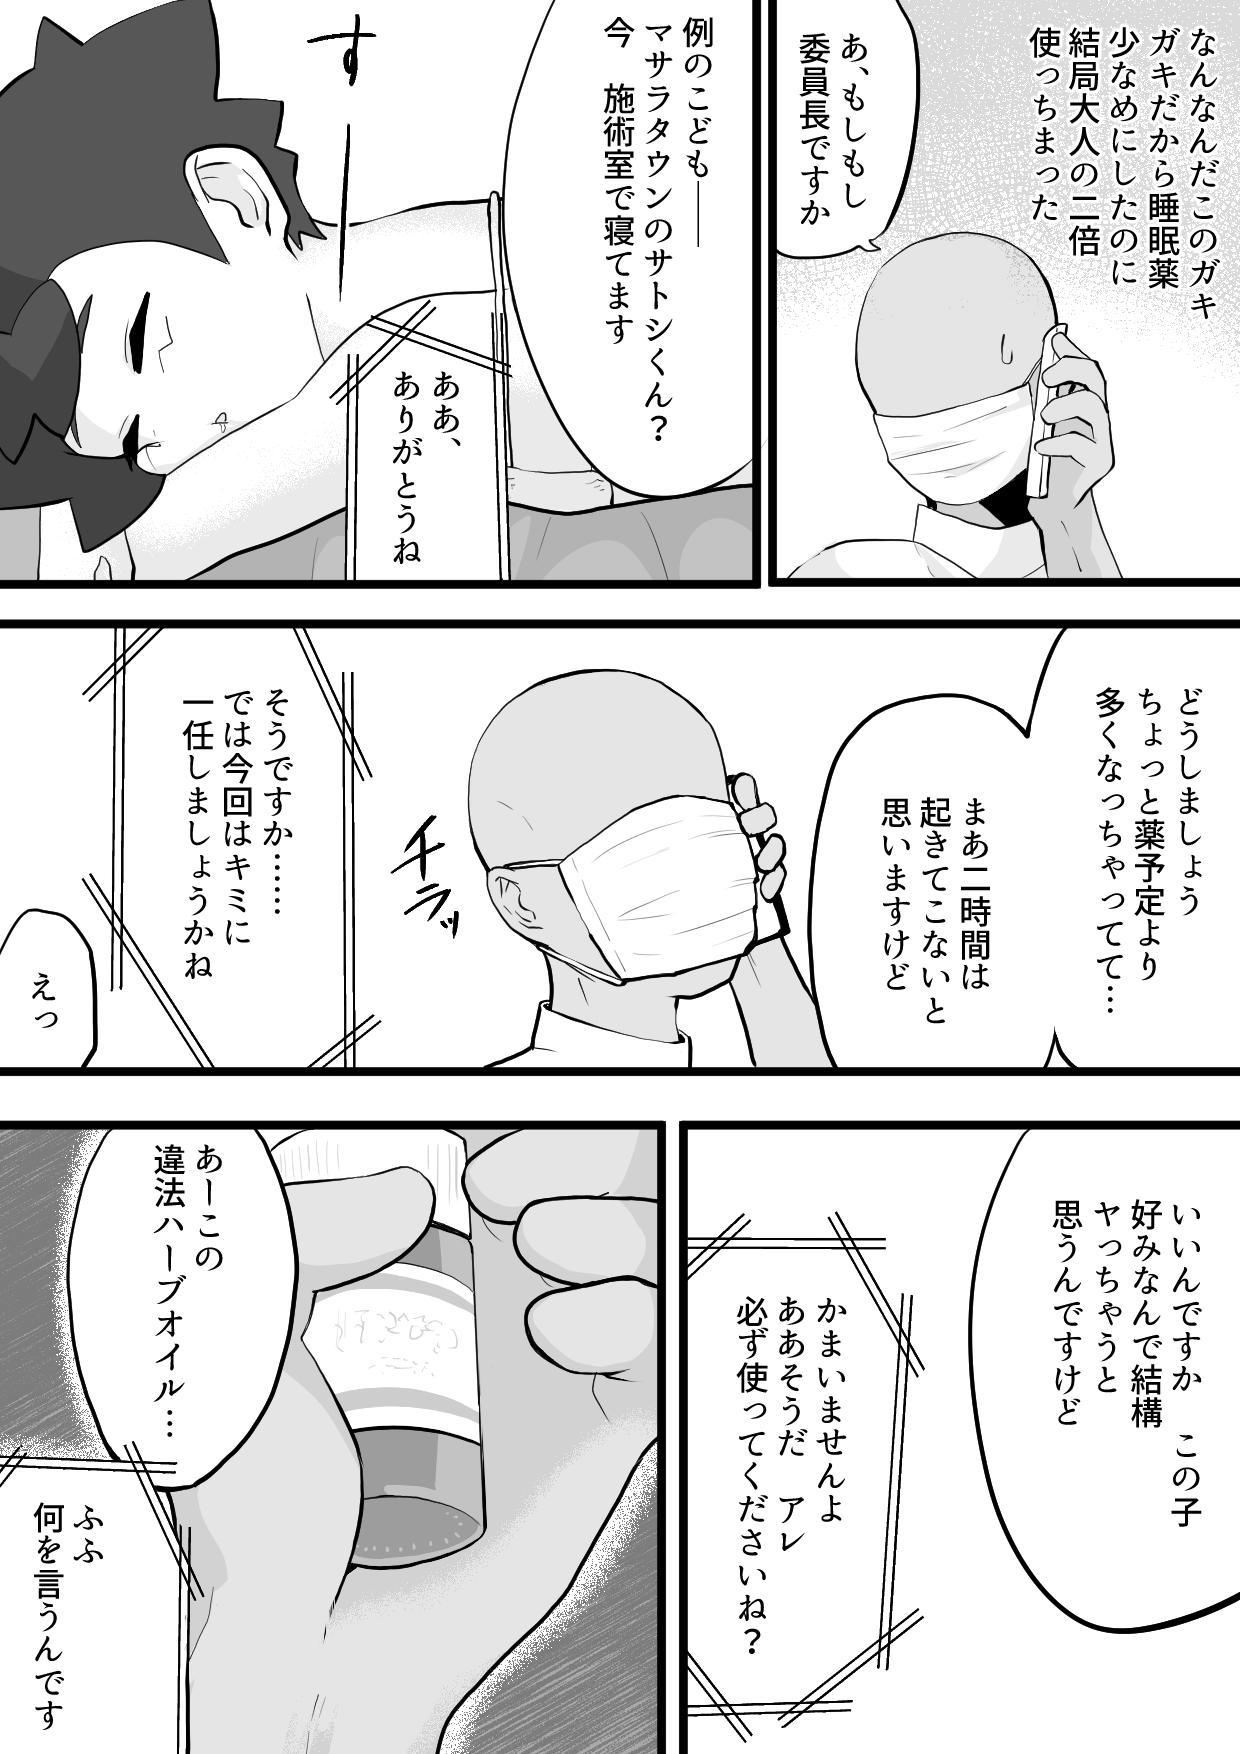 Satoshi-kun ga Gararu no Koukyuu Massage ni Iku Hanashi 5